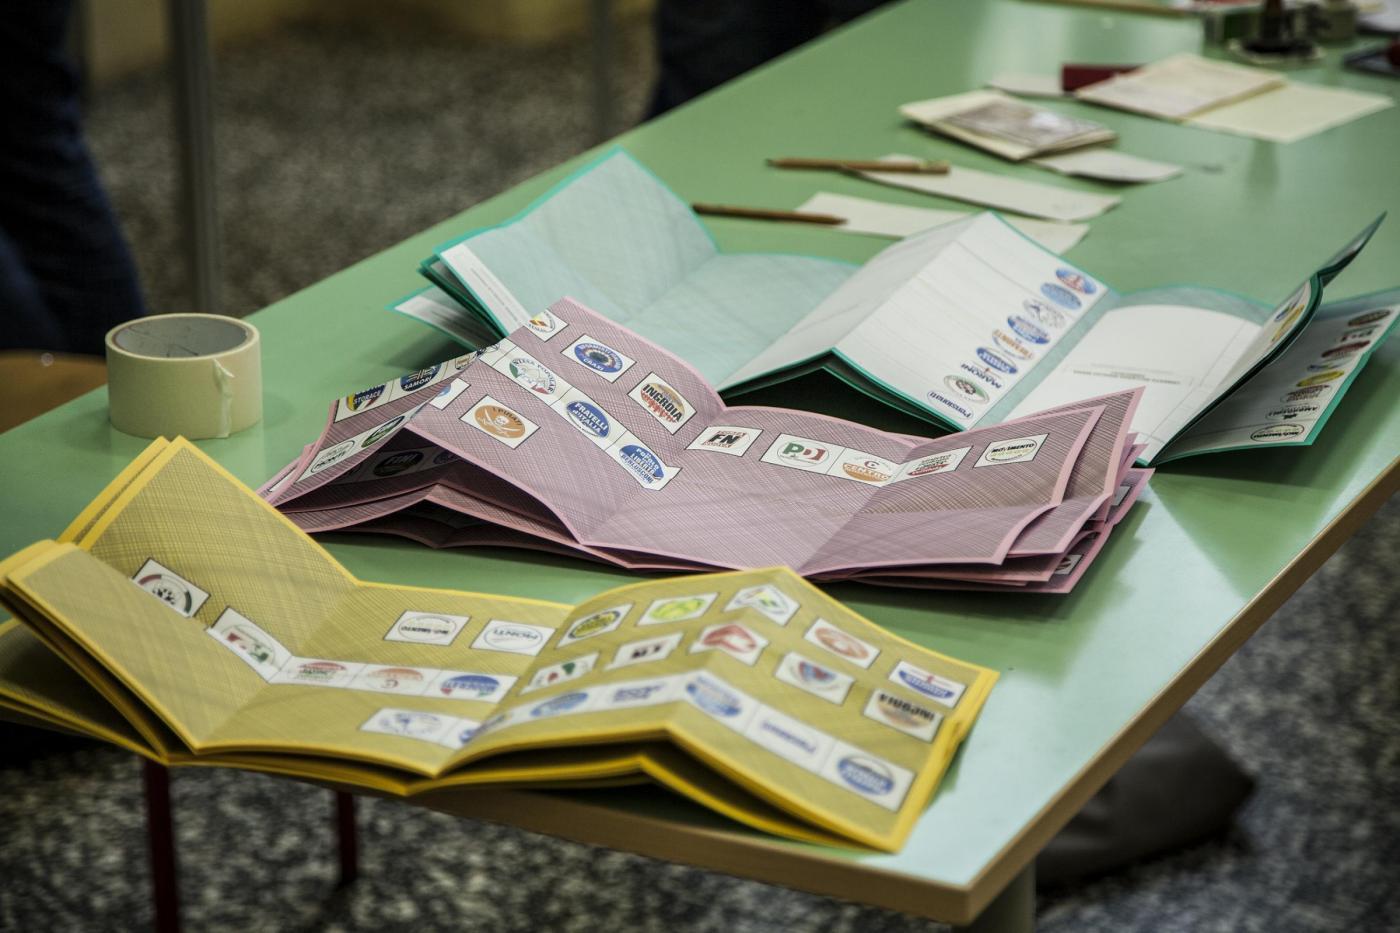 Italicum, simulazione: con la legge Renzi-Berlusconi 6,6 milioni di voti al macero